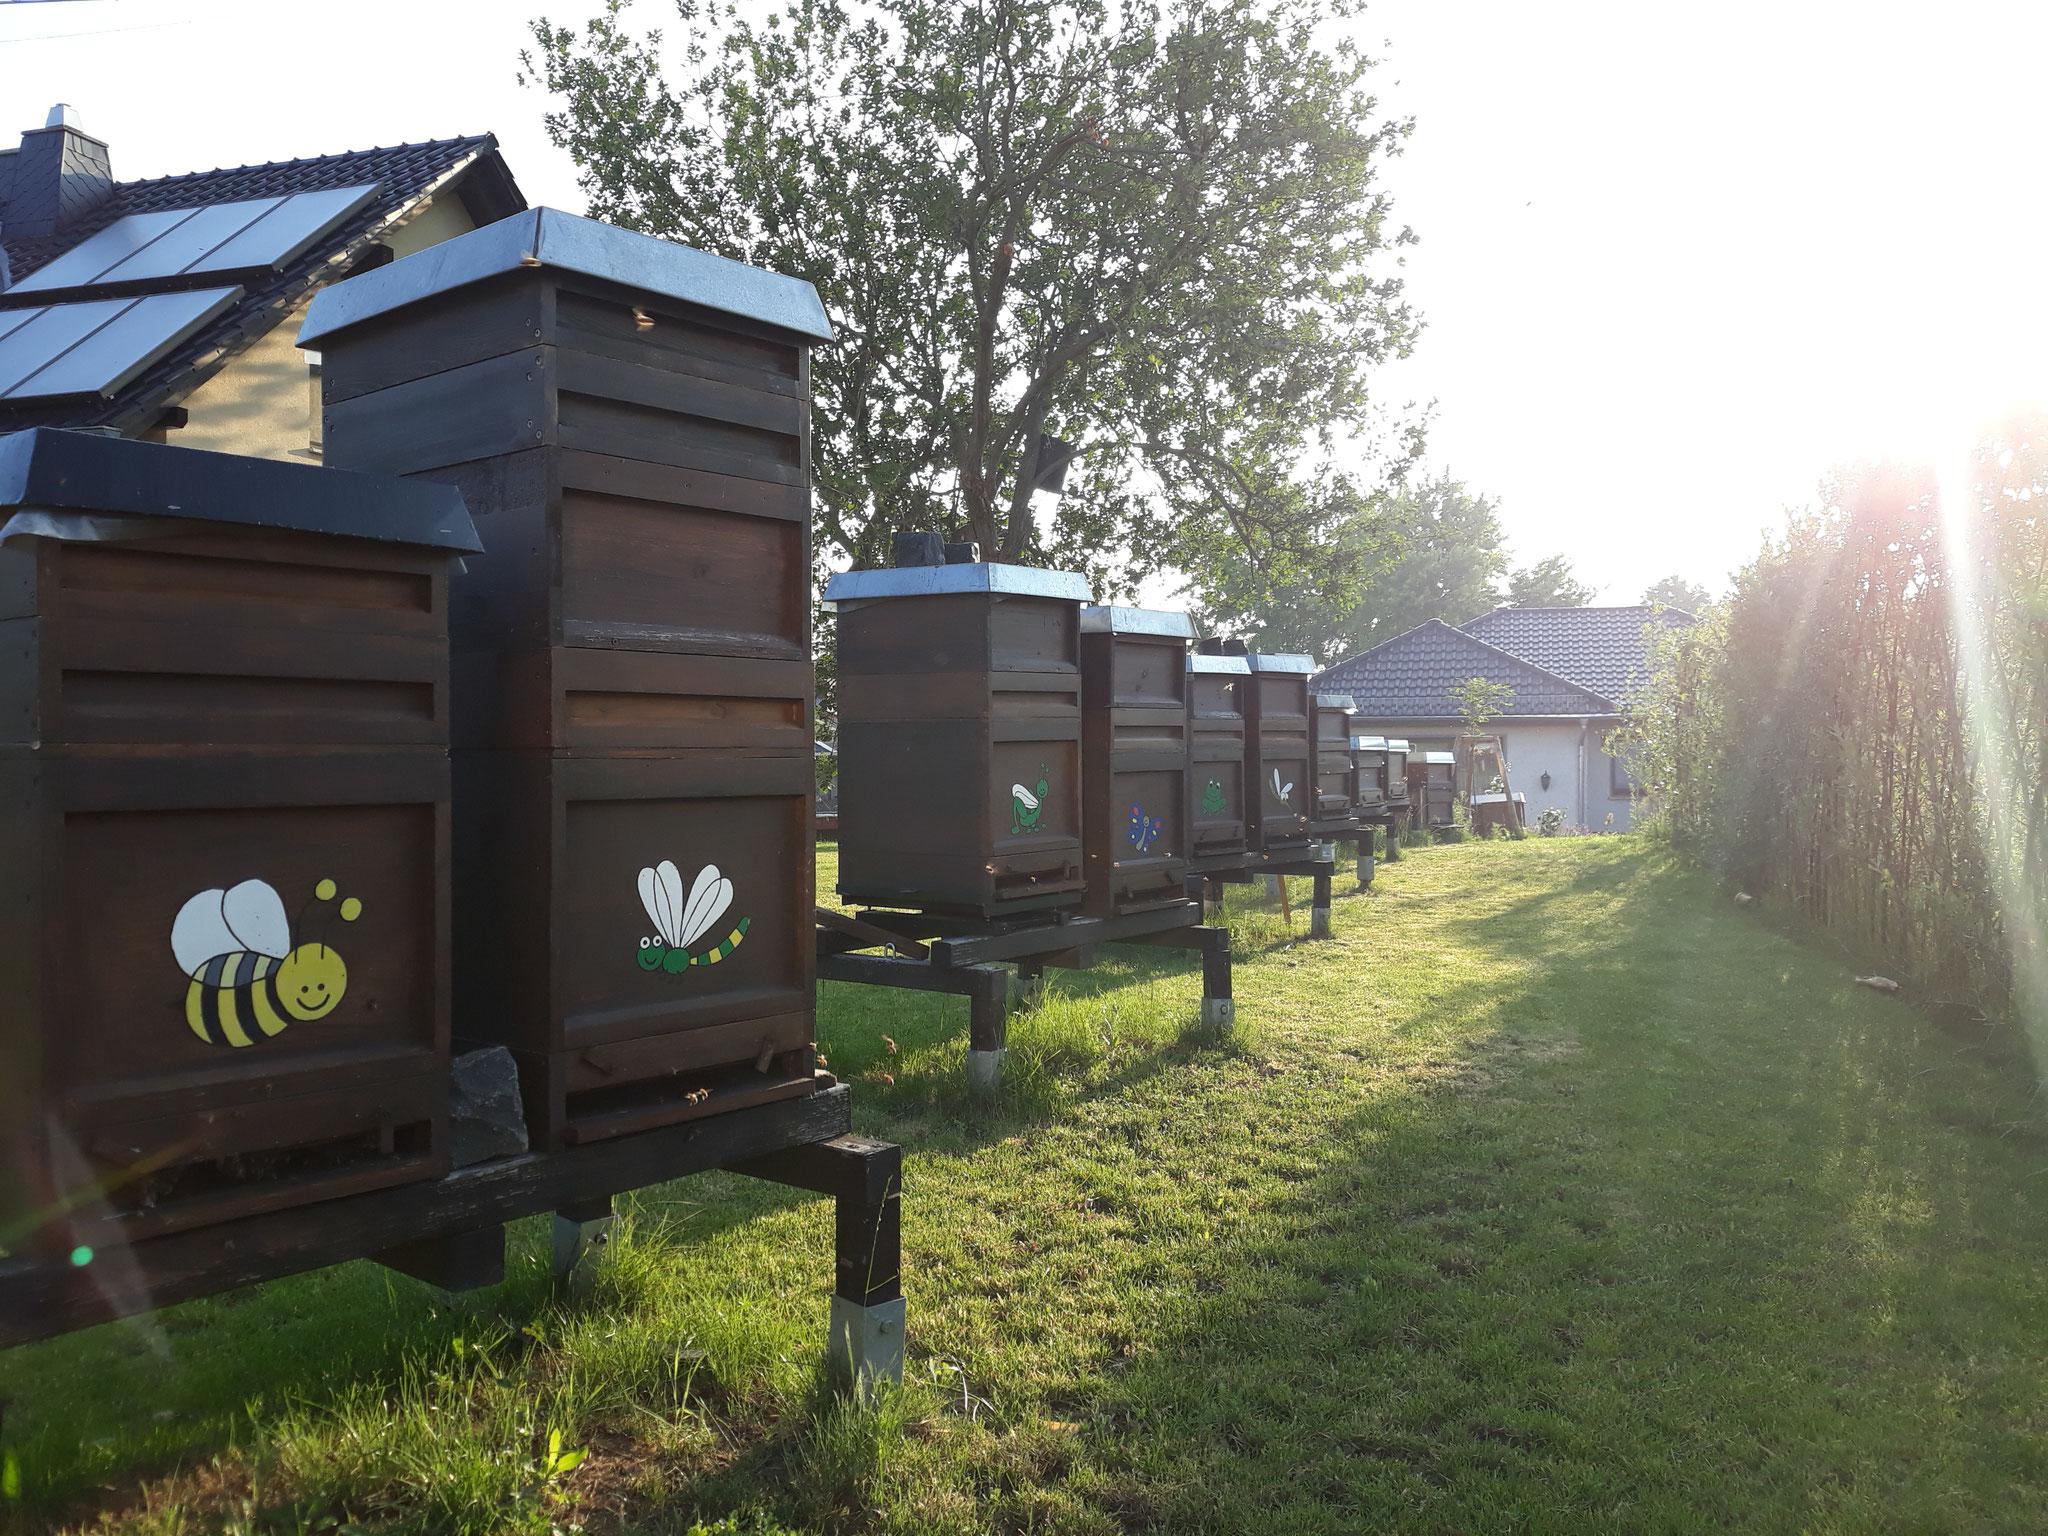 Der Bienenstand am frühen Morgen mit ersten ausfliegenden Bienen.